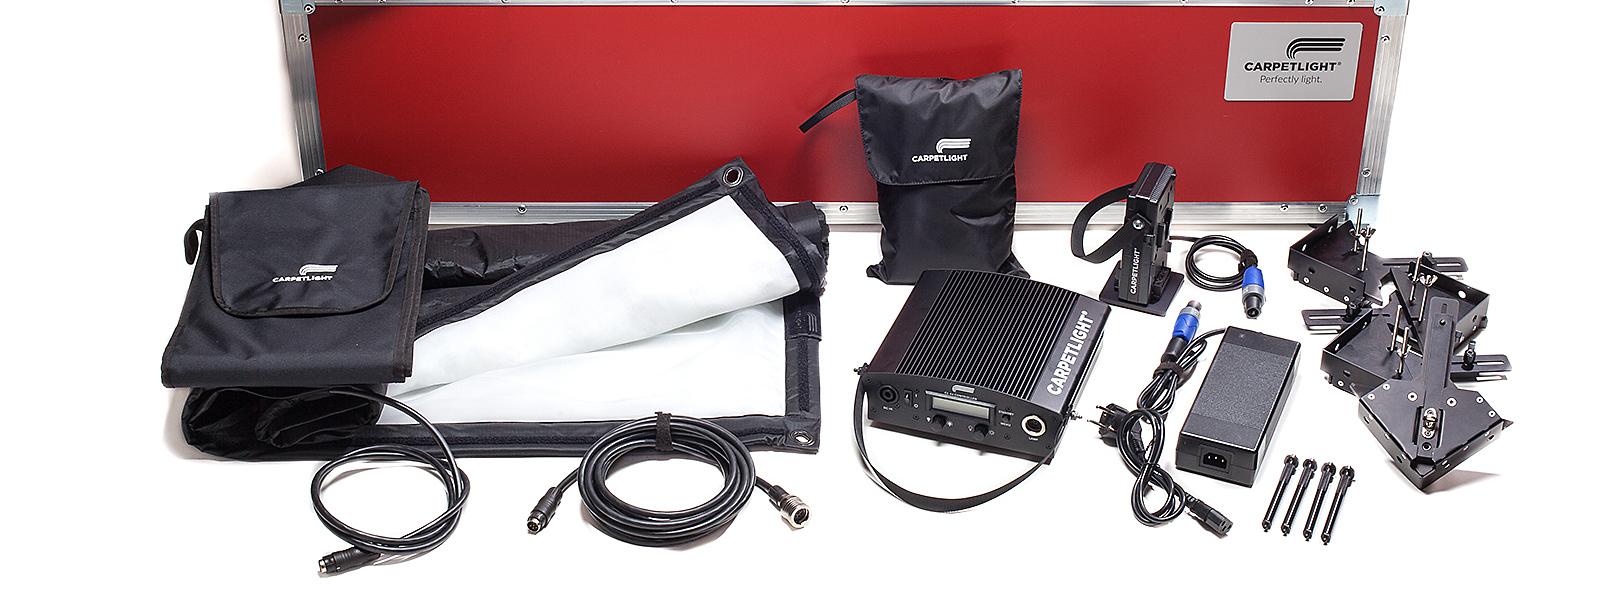 Carpetlight 2000 Cl44 Complete Set Featured